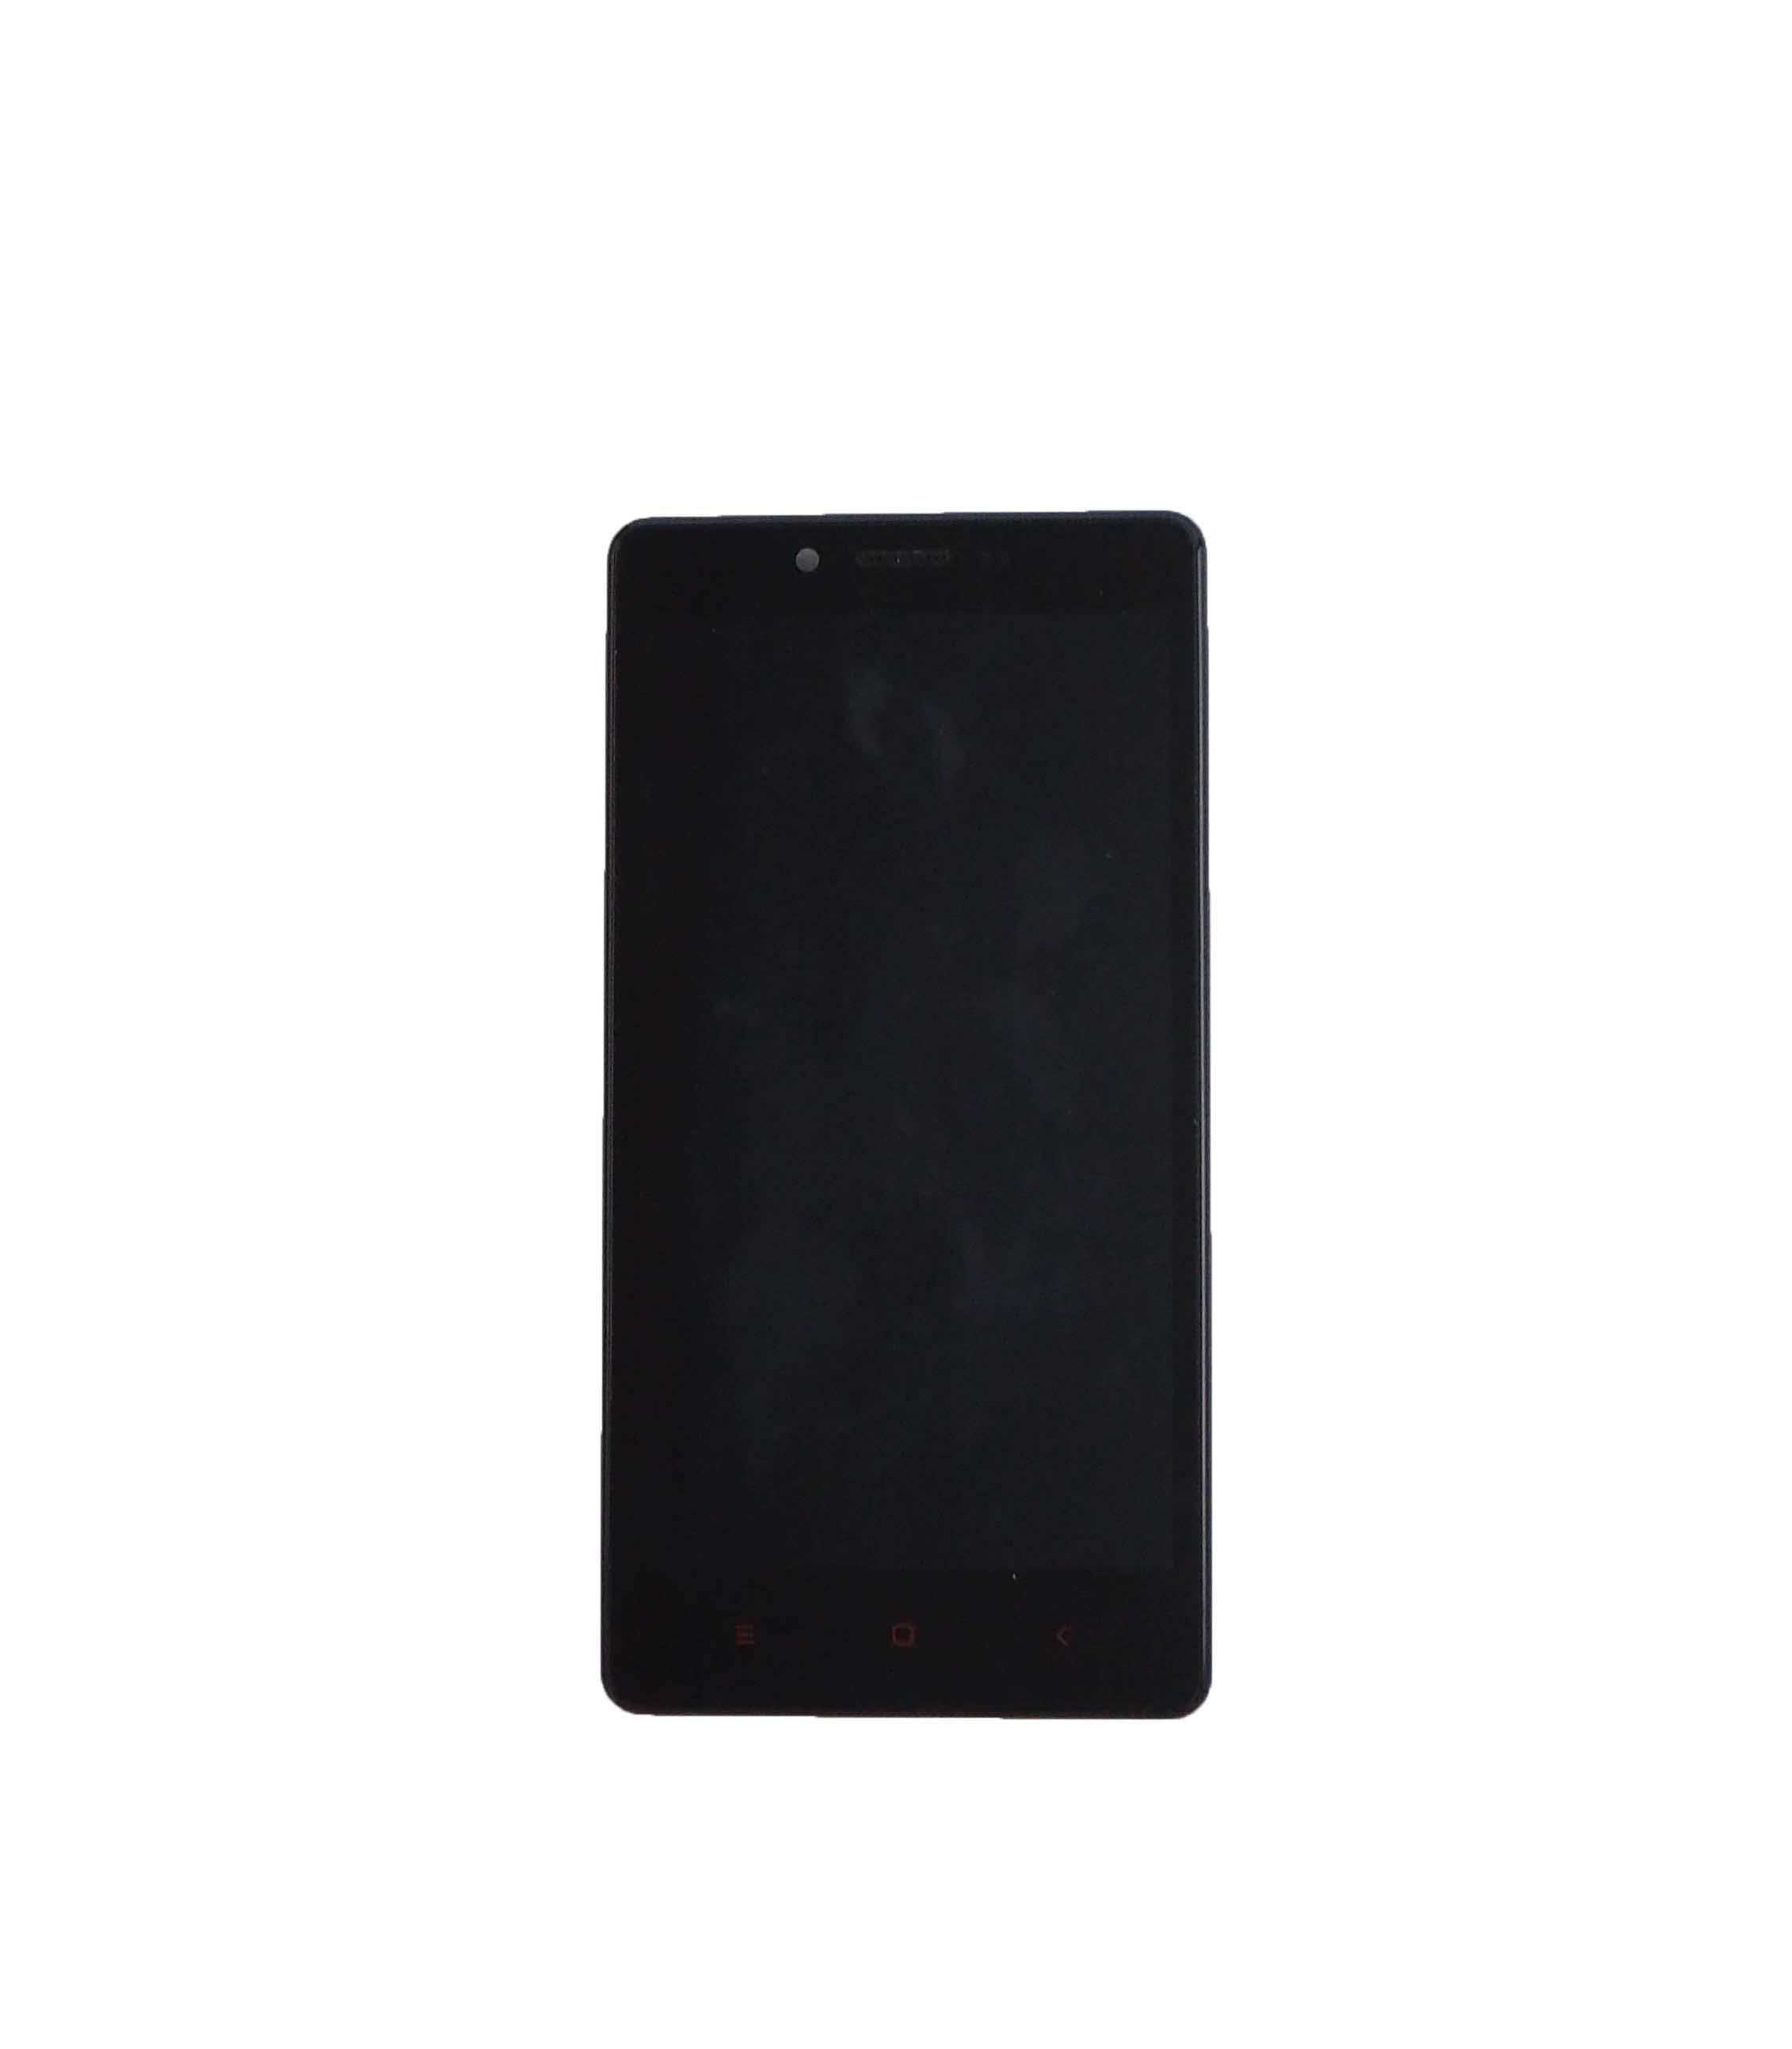 เปลี่ยนหน้าจอ Xiaomi Redmi note lte หน้าจอแตก ทัสกรีนกดไม่ได้